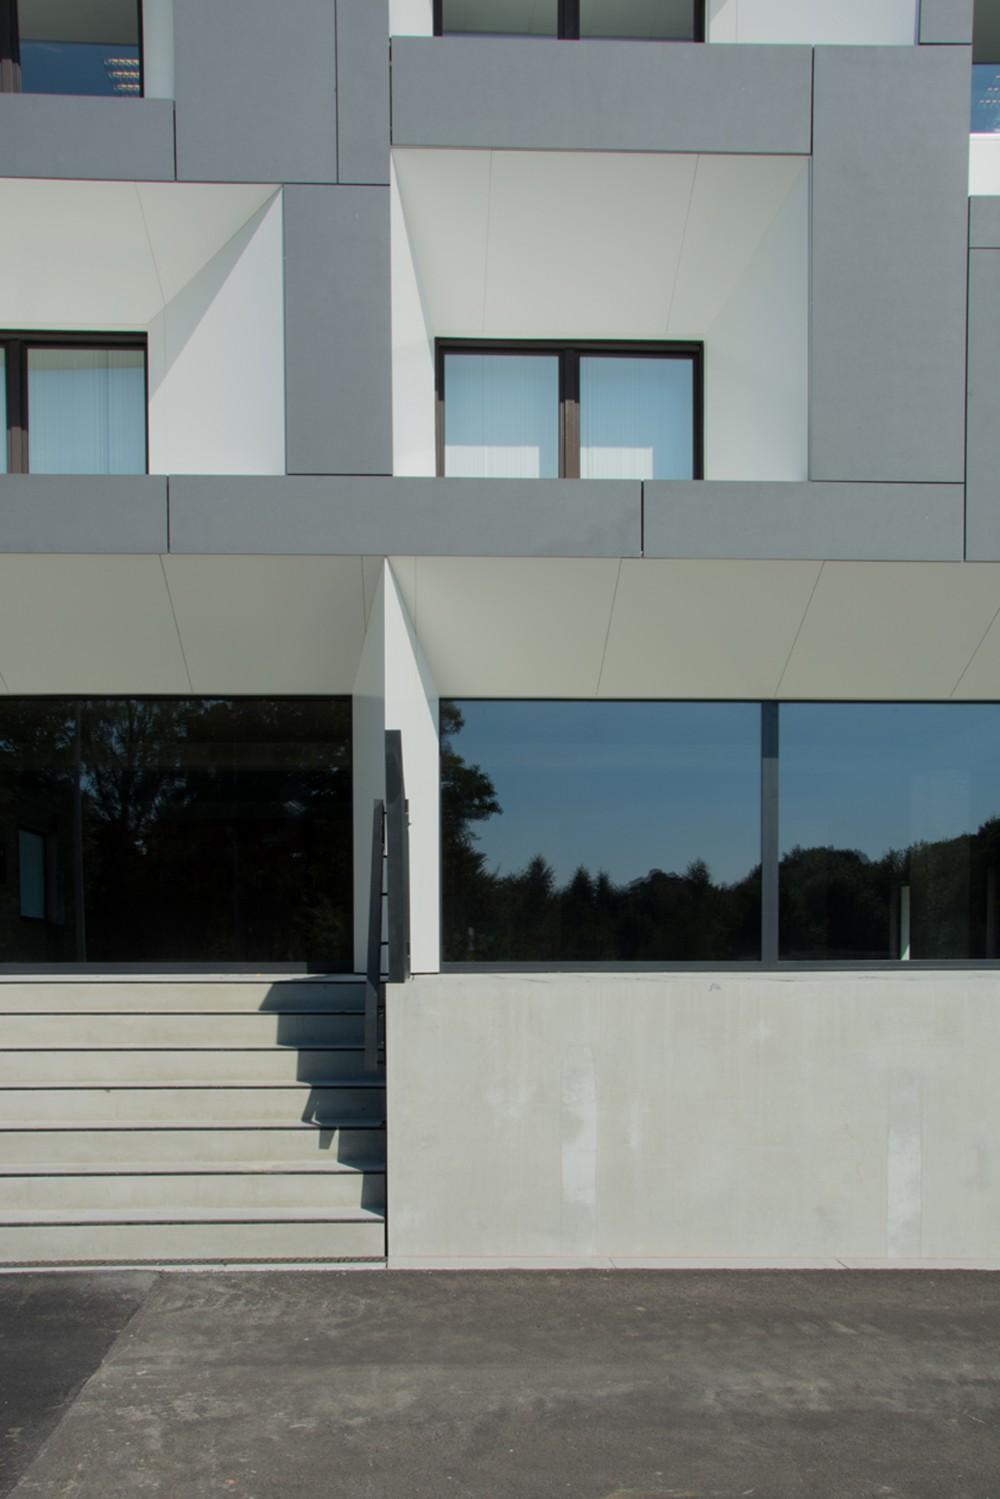 Abscis Architecten - Sokkel in zichtbeton - fotografie Inge Claessens